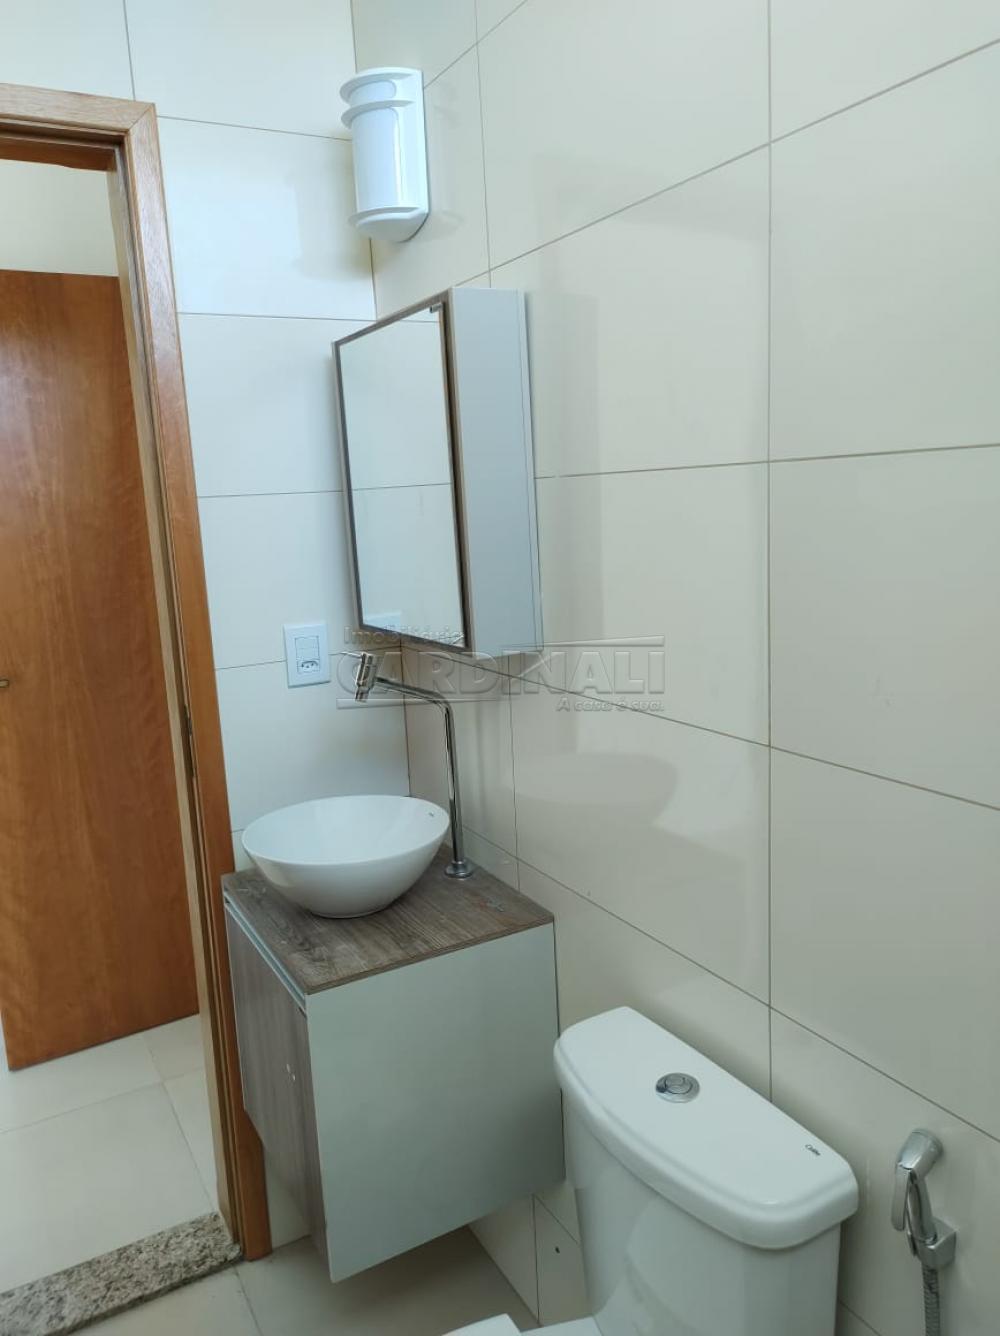 Comprar Casa / Condomínio em Araraquara R$ 480.000,00 - Foto 28